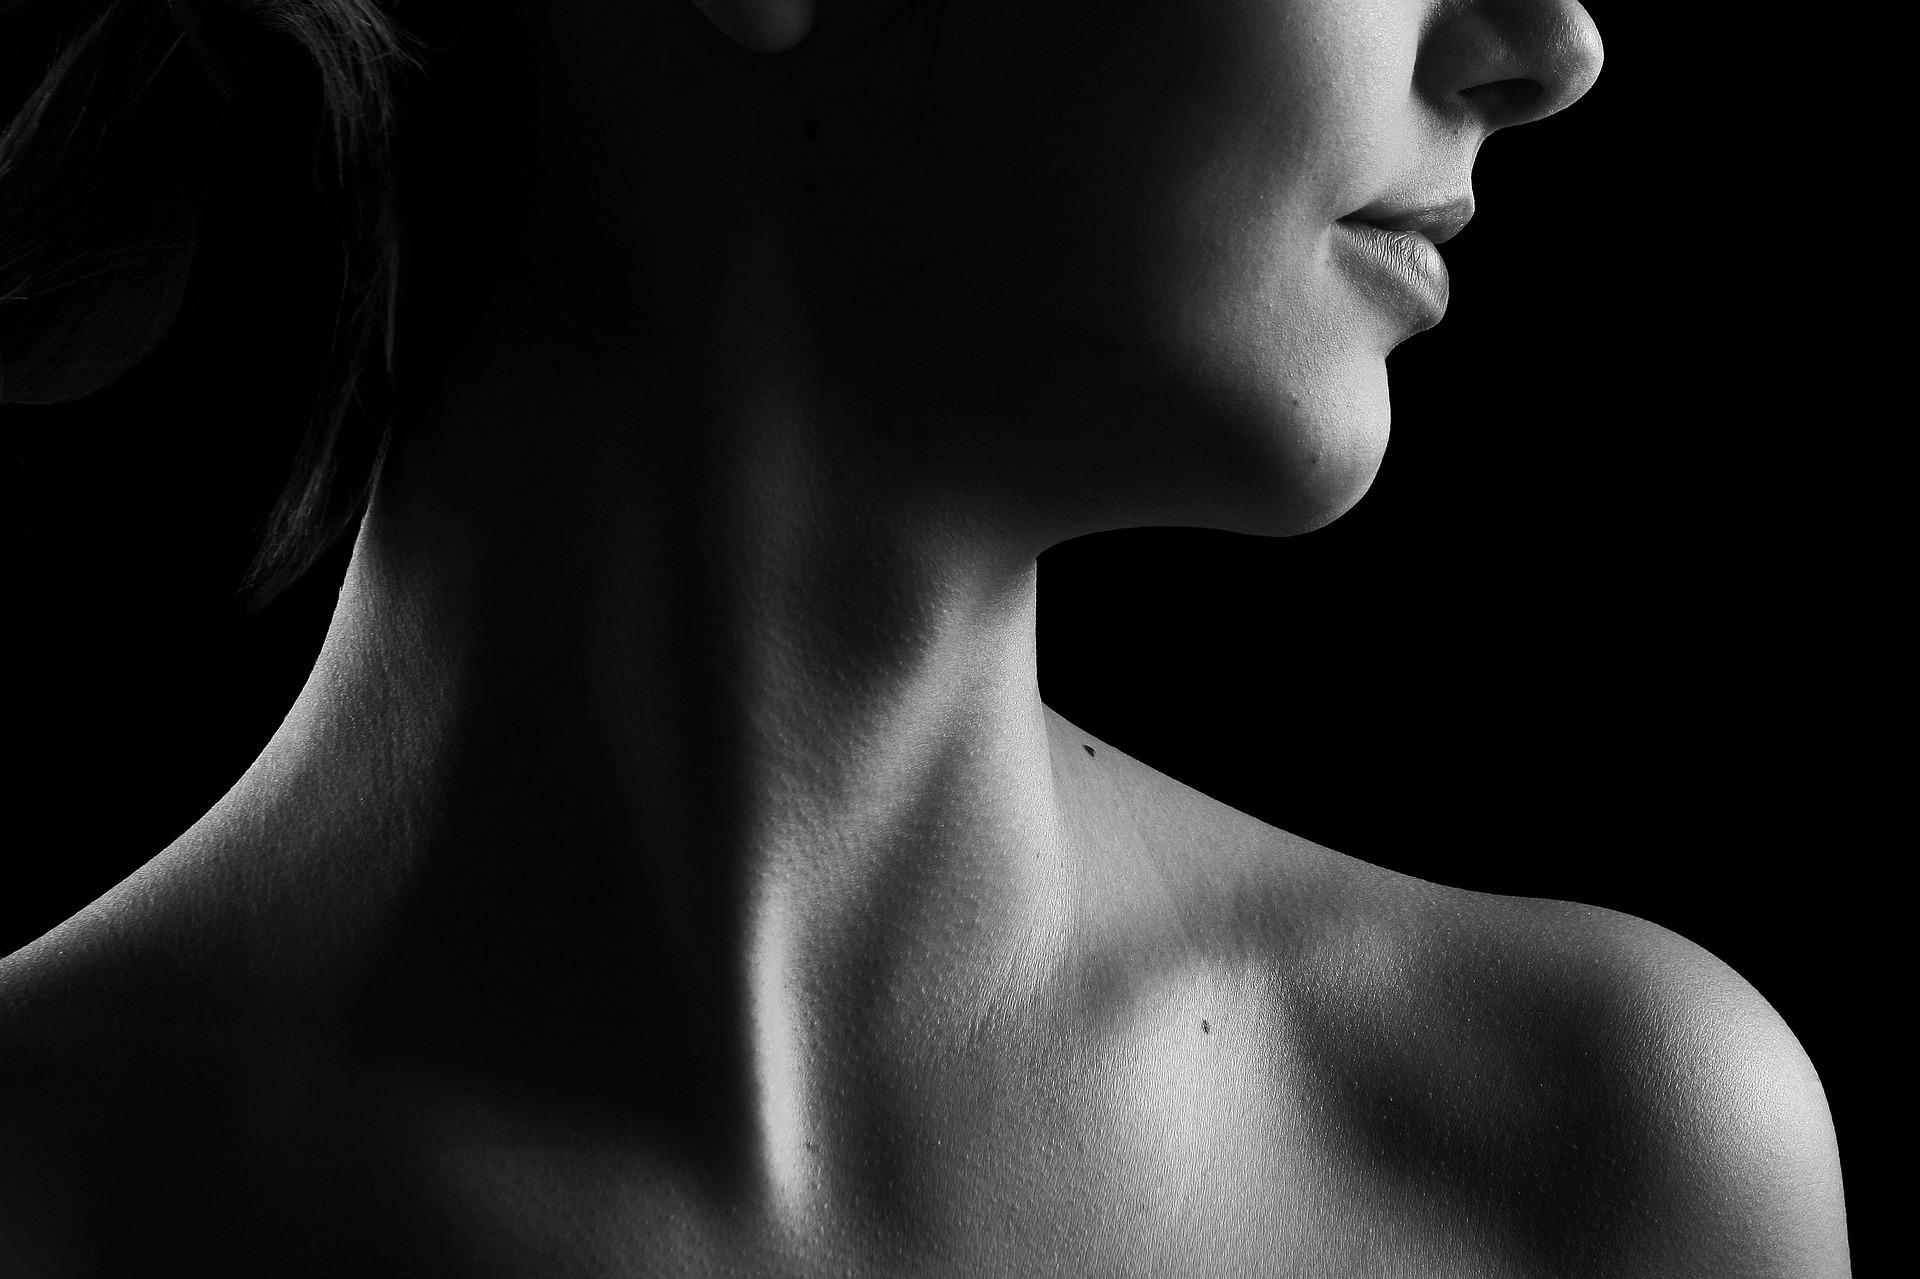 La cervico-brachialgie : cette douleur qui part du cou jusqu'au bras